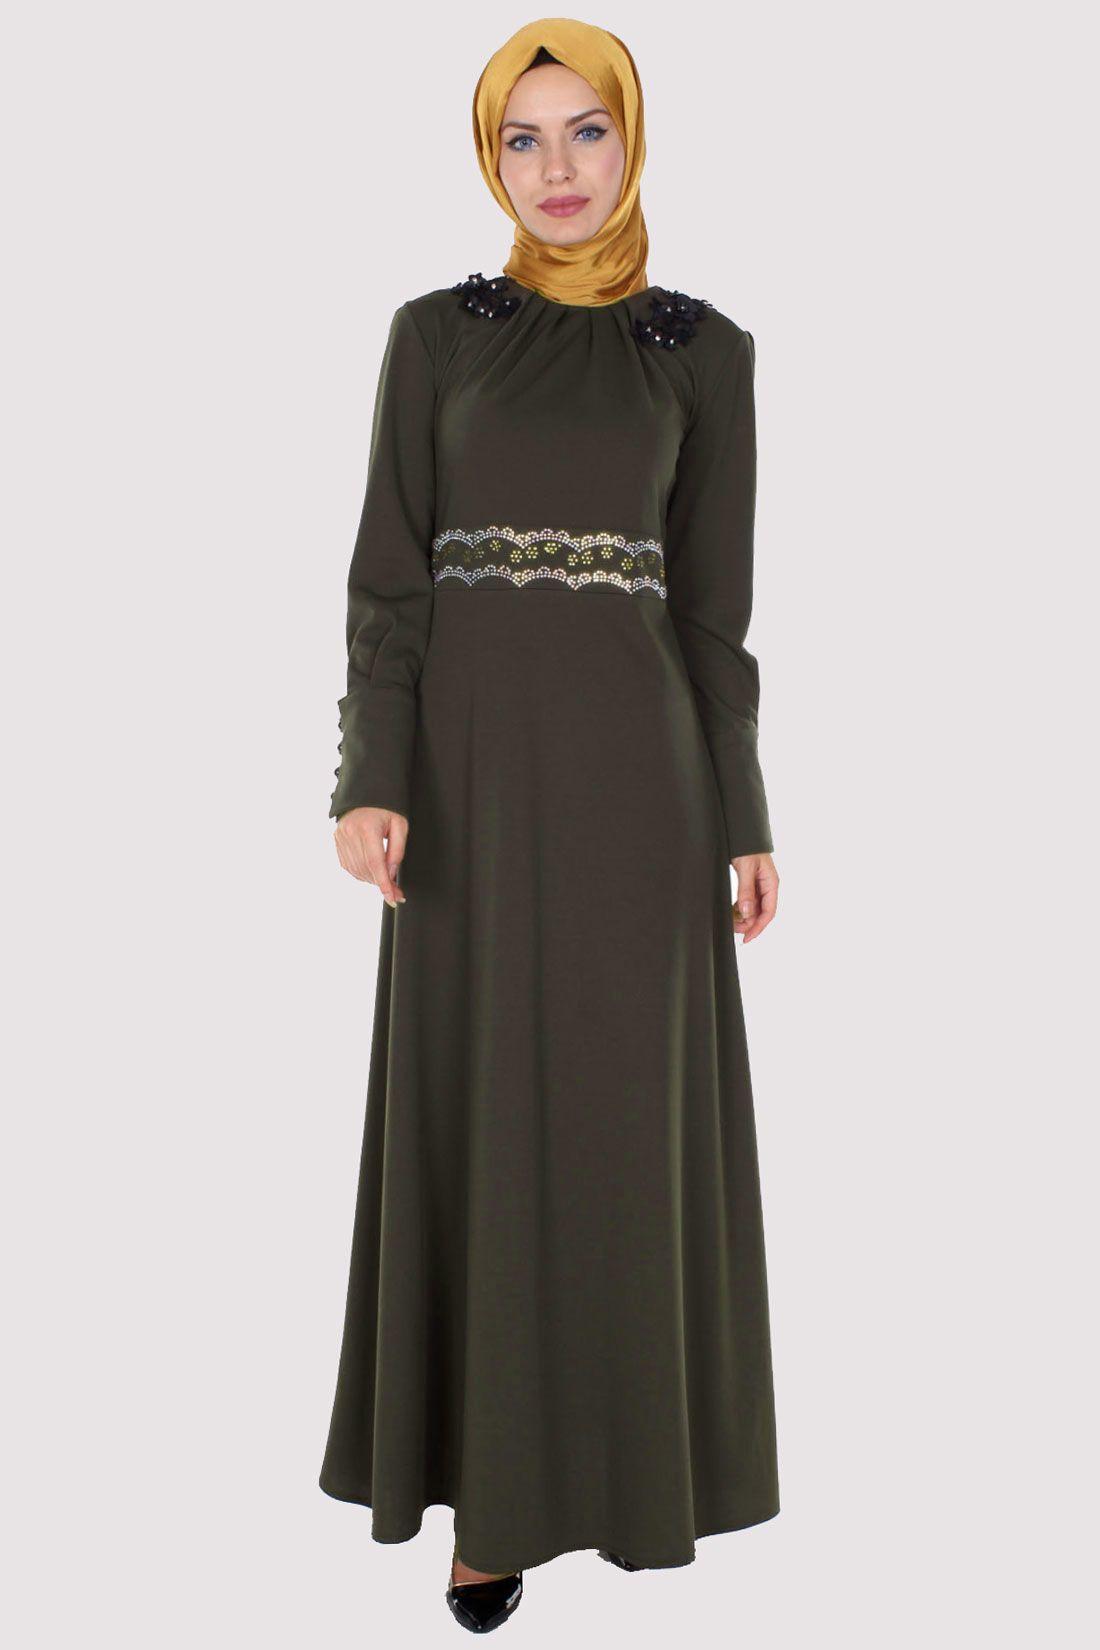 22f4f6587819f yeni modelleri online alışverişin adresi modaroyal.com da, tesettür giyim  ürünlerini uygun fiyata yüzlerce